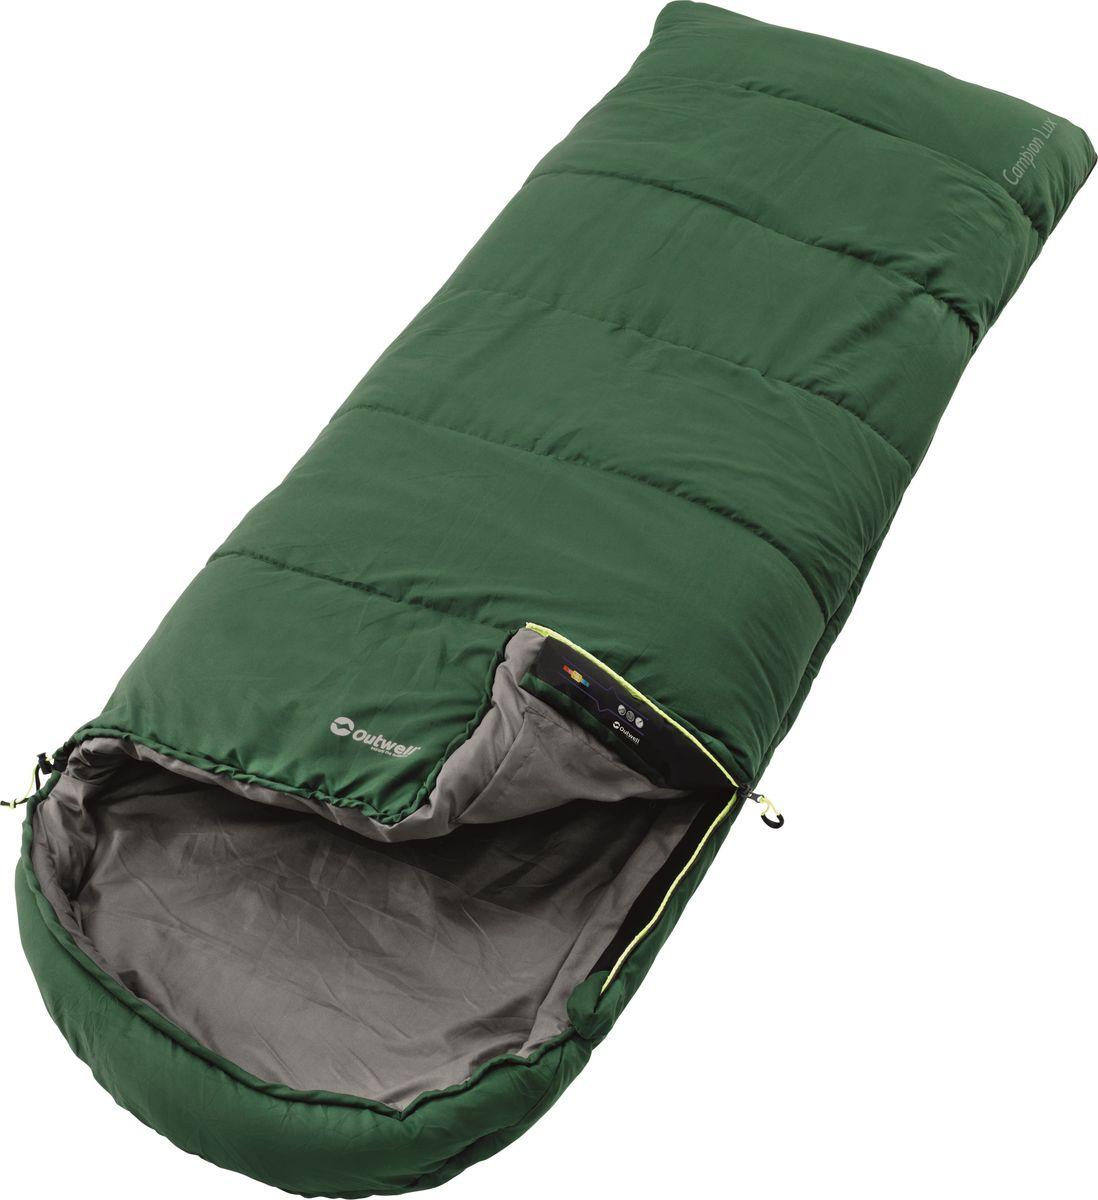 Спальный мешок Outwell  Campion Lux Green , левосторонняя молния, цвет: зеленый - Спальные мешки